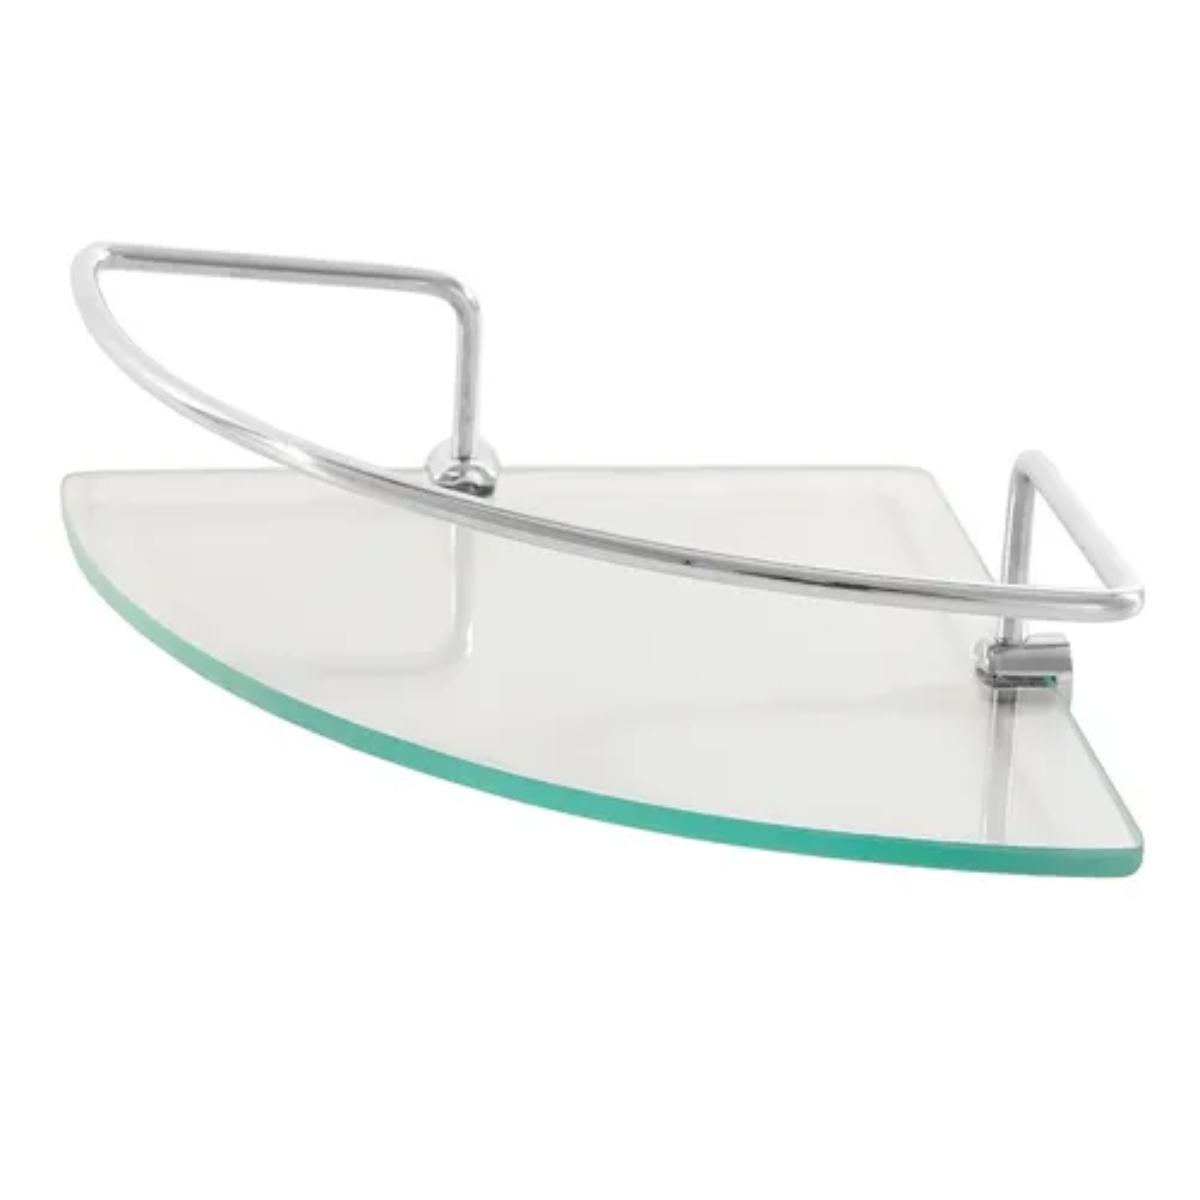 Porta shampoo canto de vidro hidrolar